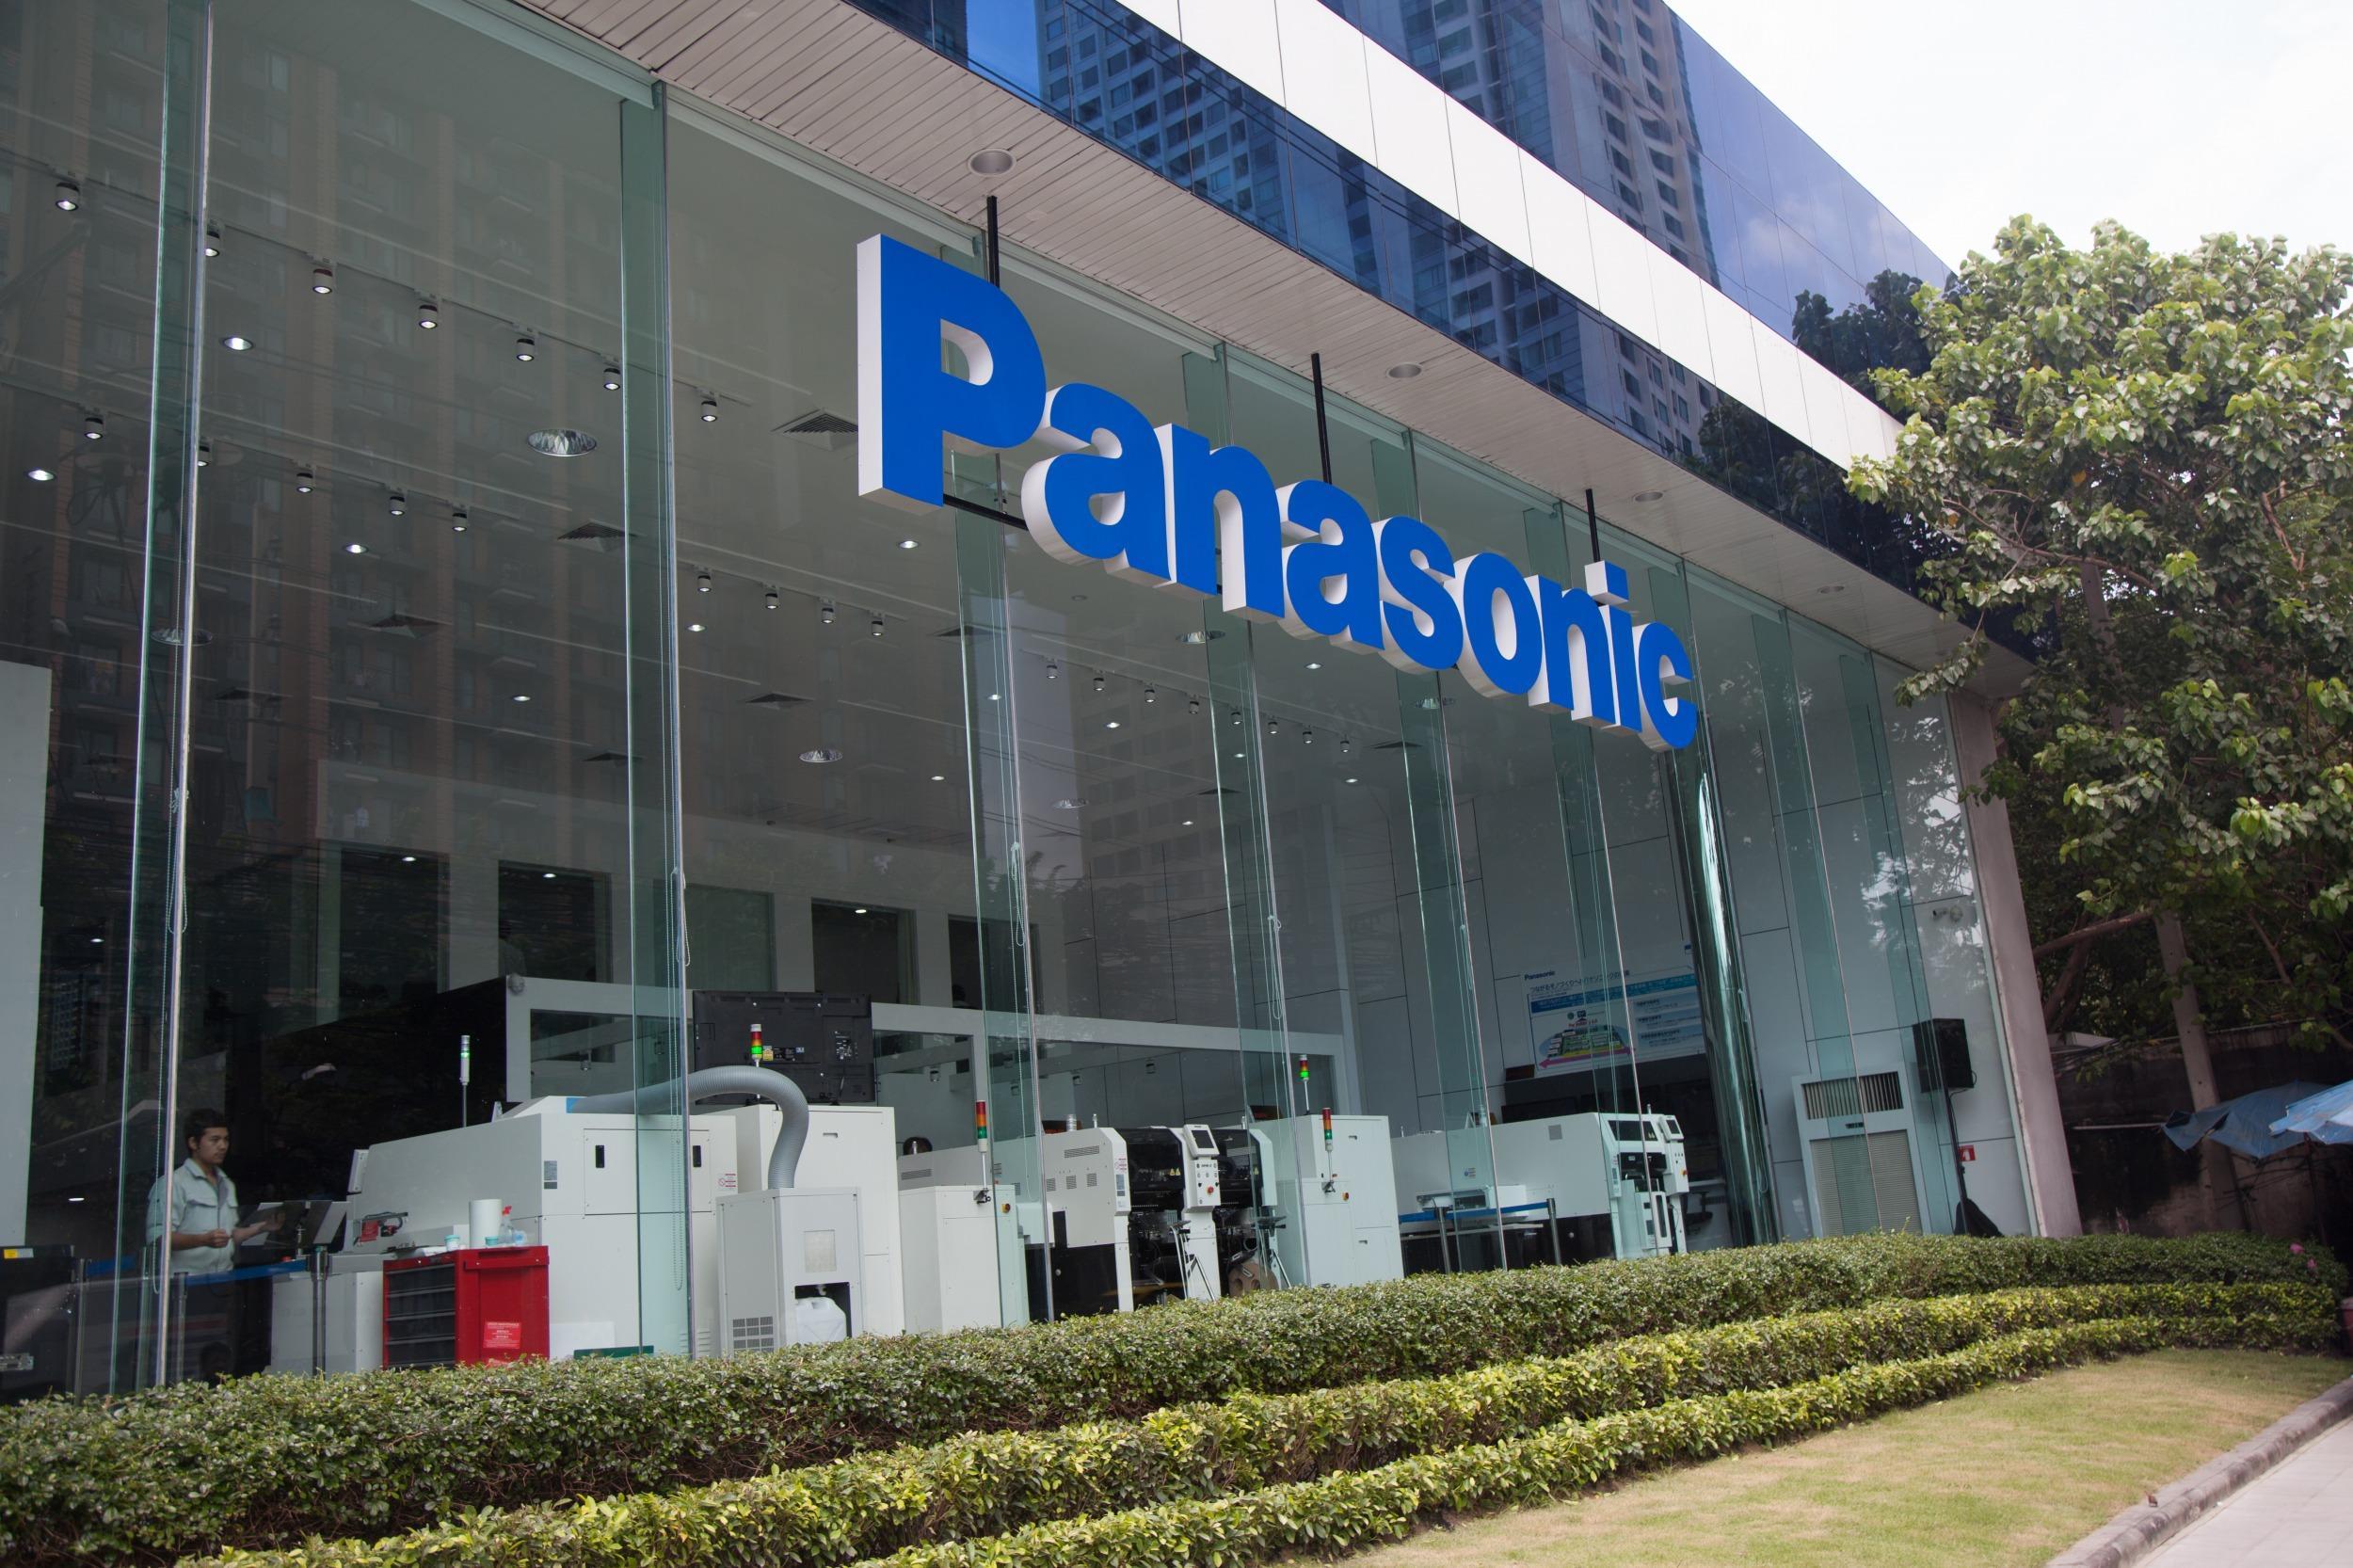 FAソリューションのショウルーム「パナソニック ソリューション&イノベーションセンター」をバンコクにオープン~最新の実装機や溶接ロボットを設置